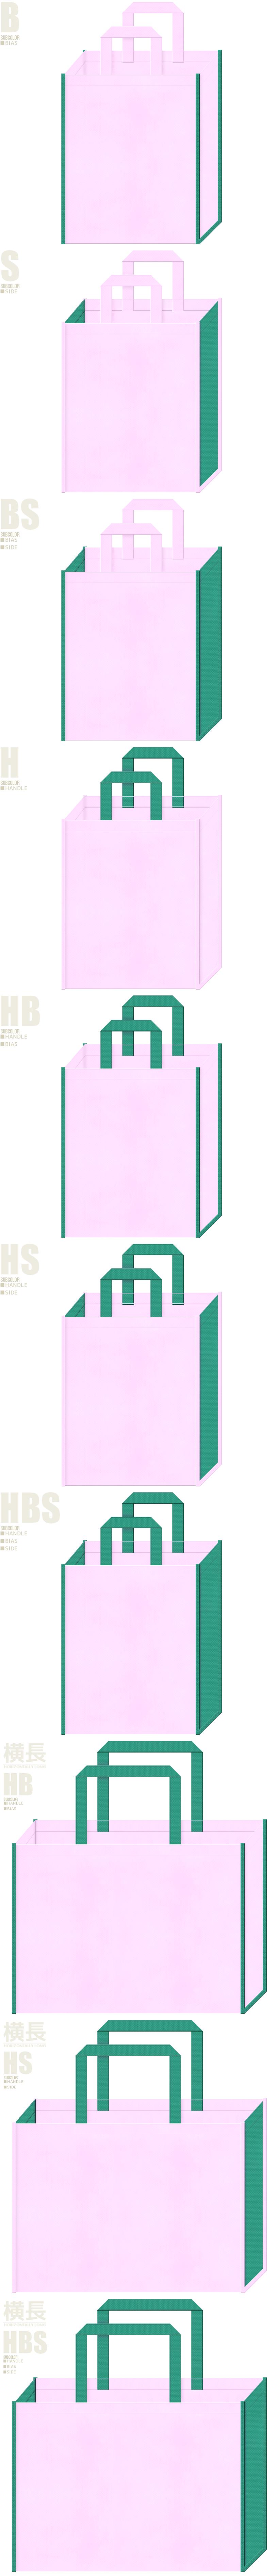 シャンプー・石鹸・洗剤・入浴剤・バス用品・お掃除用品・家庭用品の展示会用バッグにお奨めの不織布バッグのデザイン:明るいピンク色と青緑色の配色7パターン。